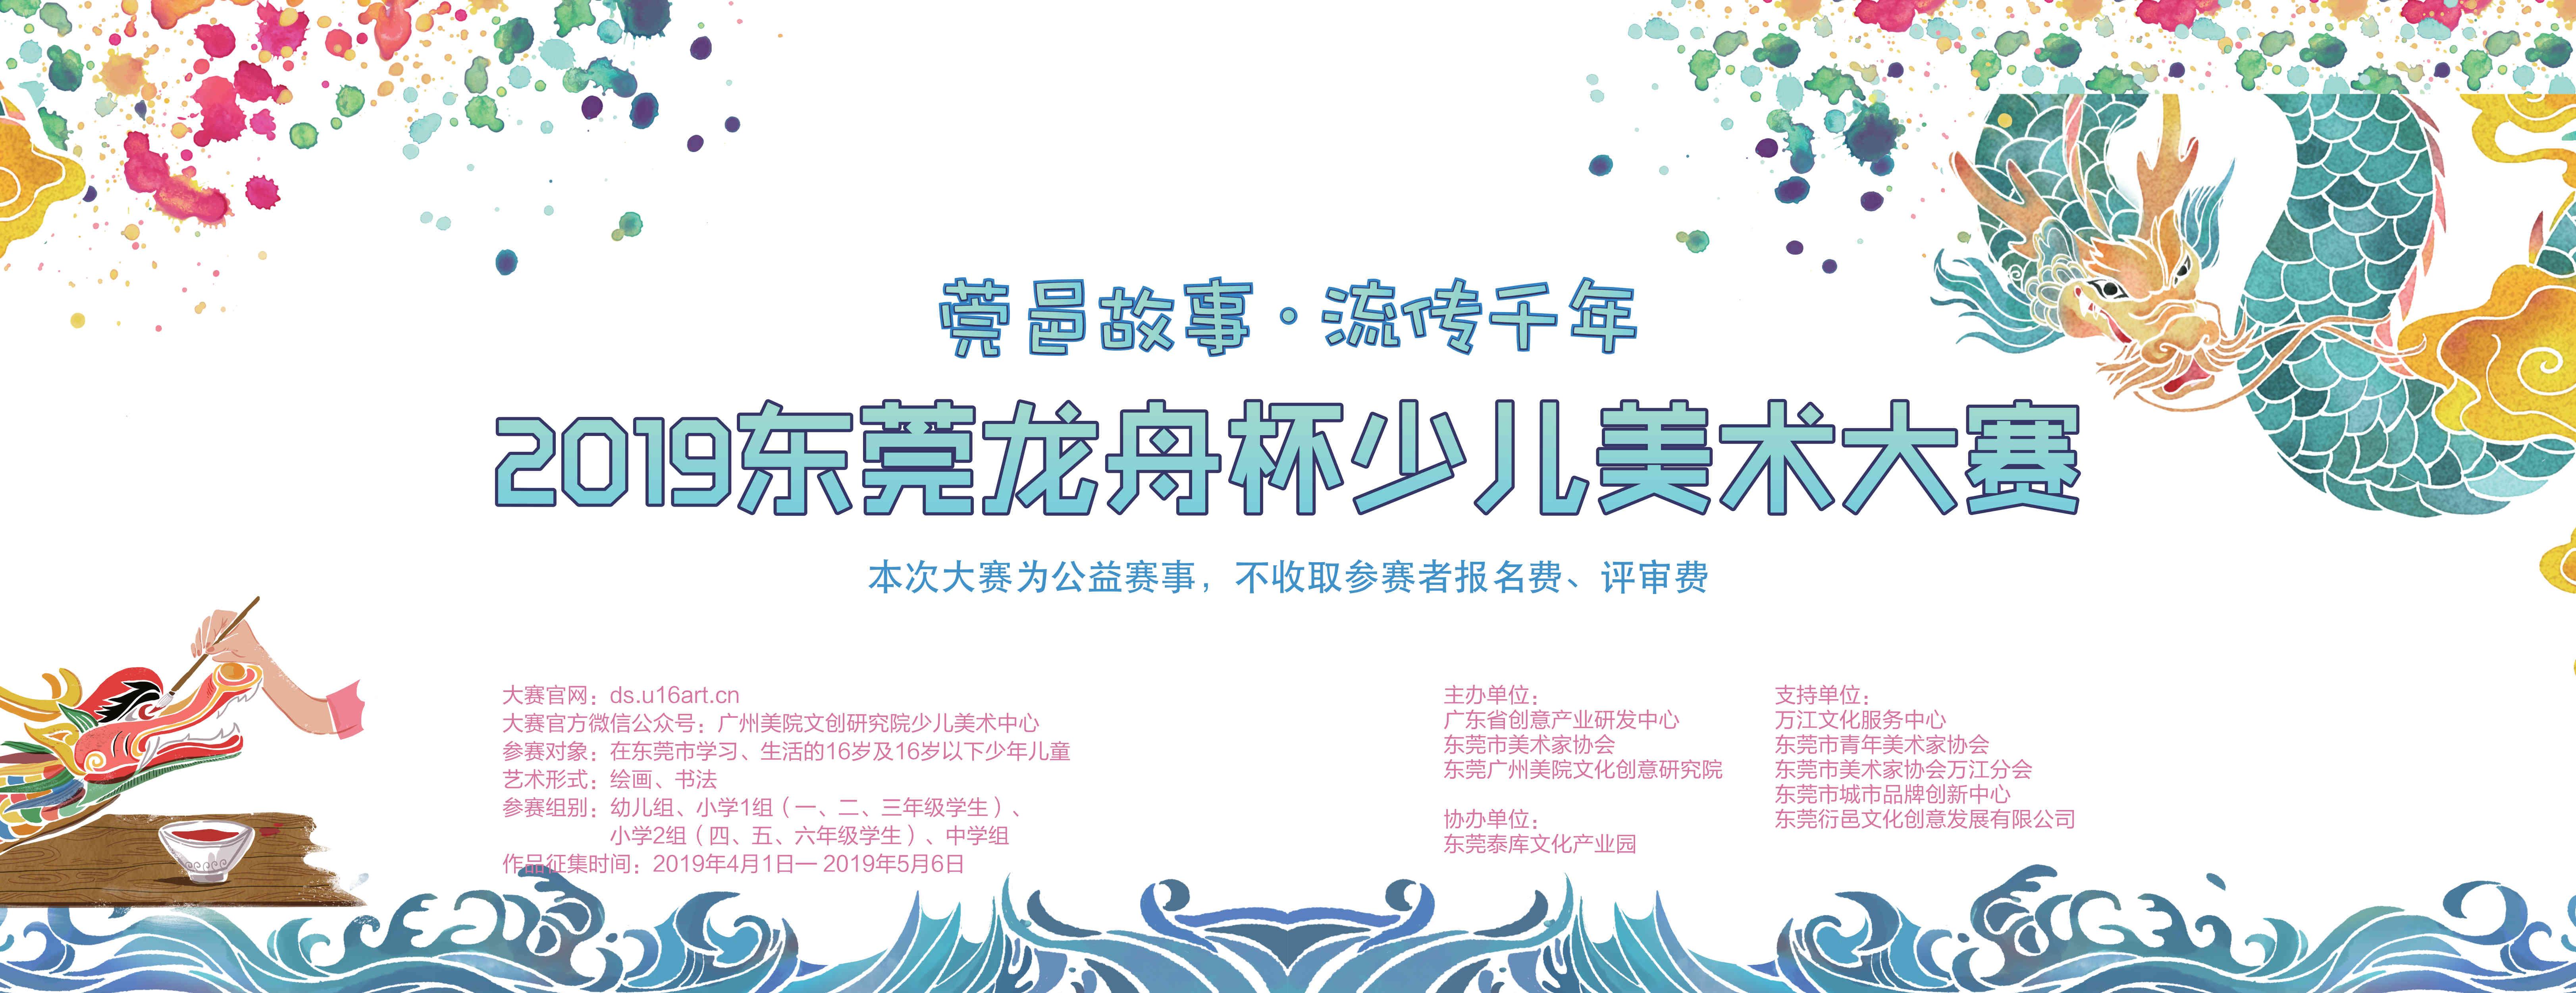 2019东莞龙舟杯少儿美术大赛,正式启动啦!